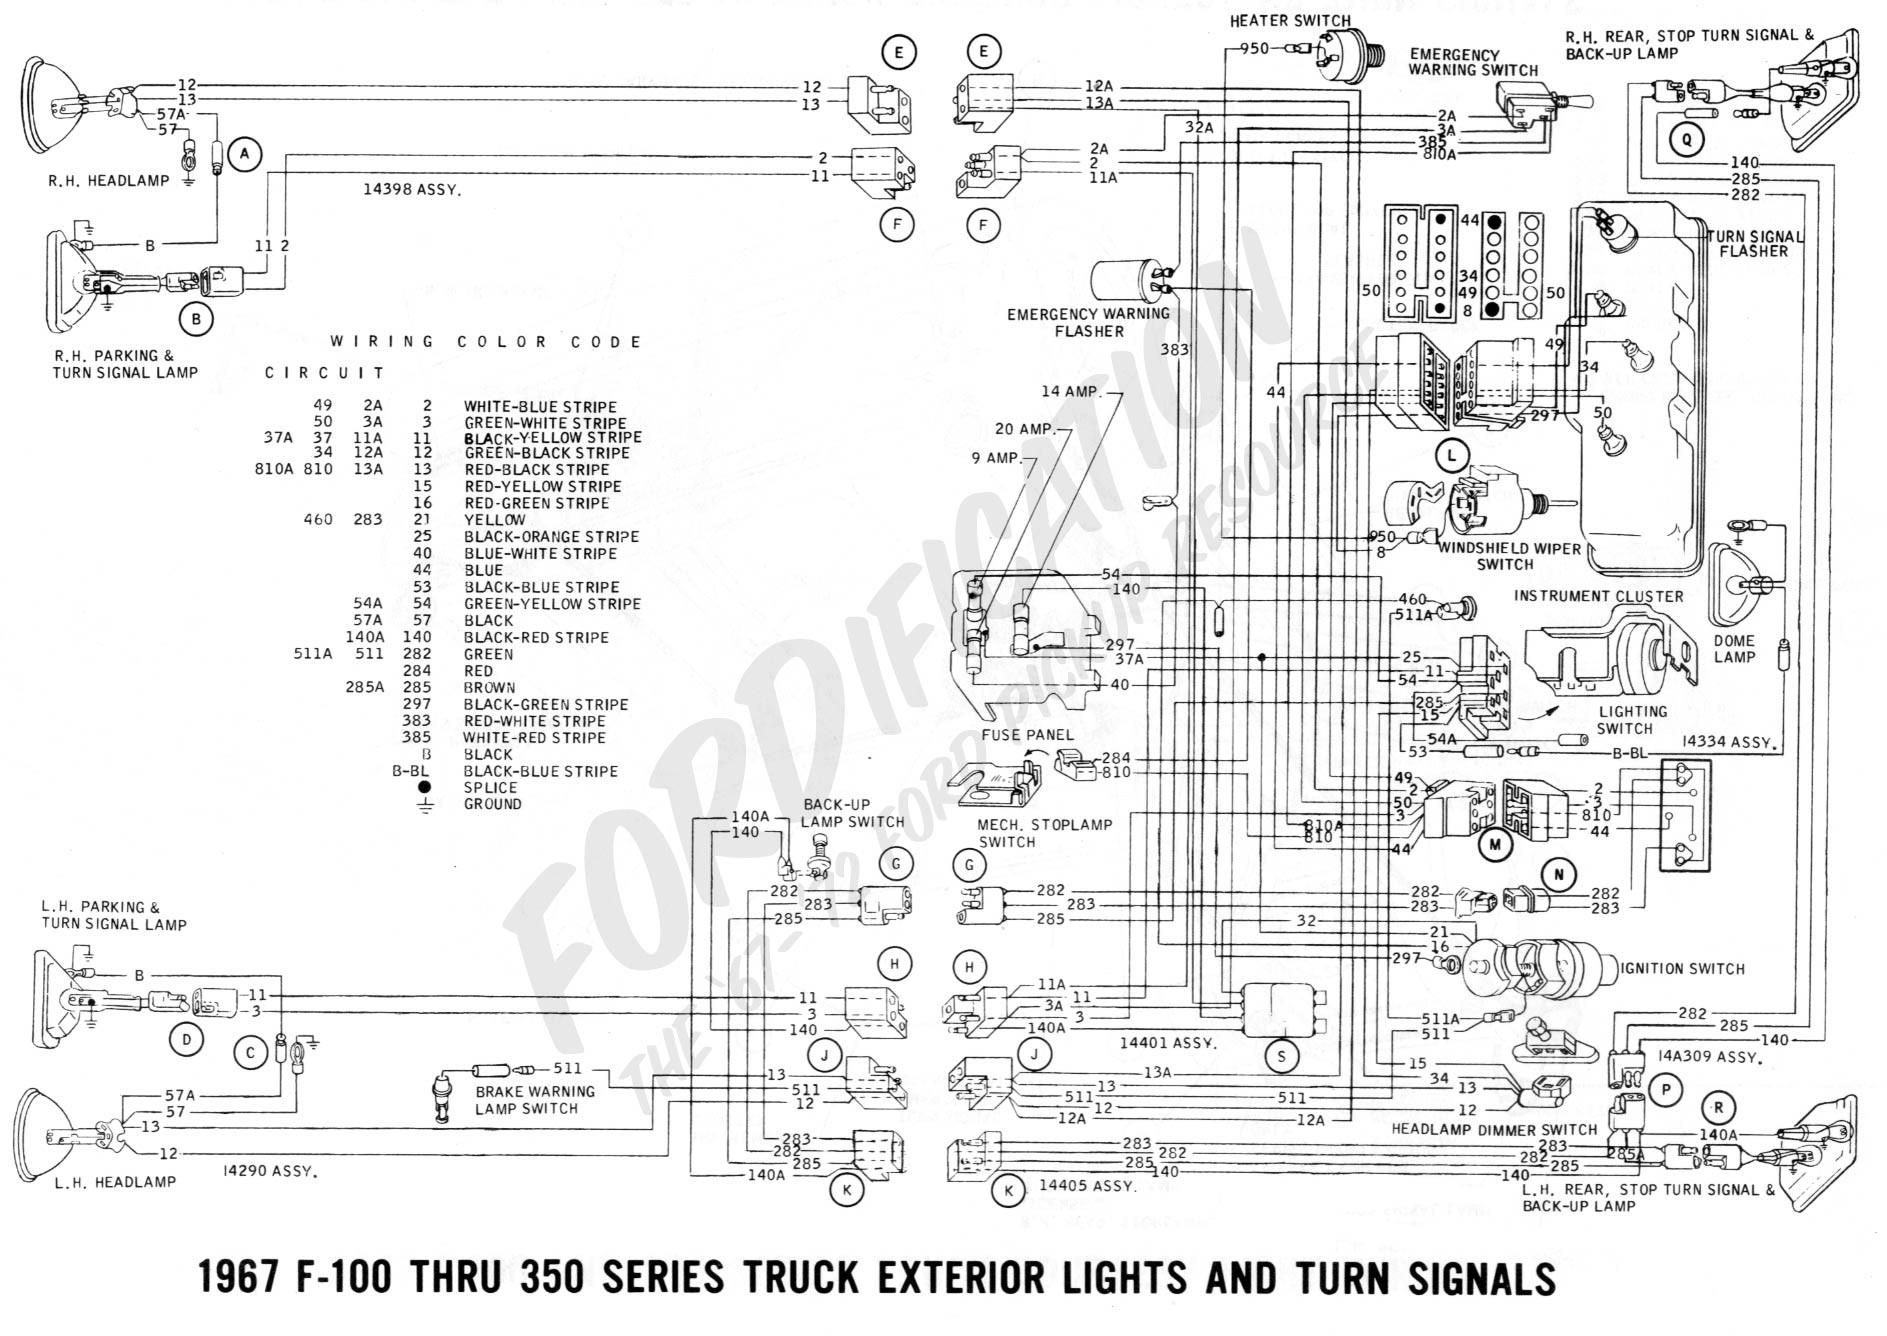 1966 Ford F100 Turn Signal Wiring Diagram - wiring diagram ...  F Turn Signal Wiring Diagram on